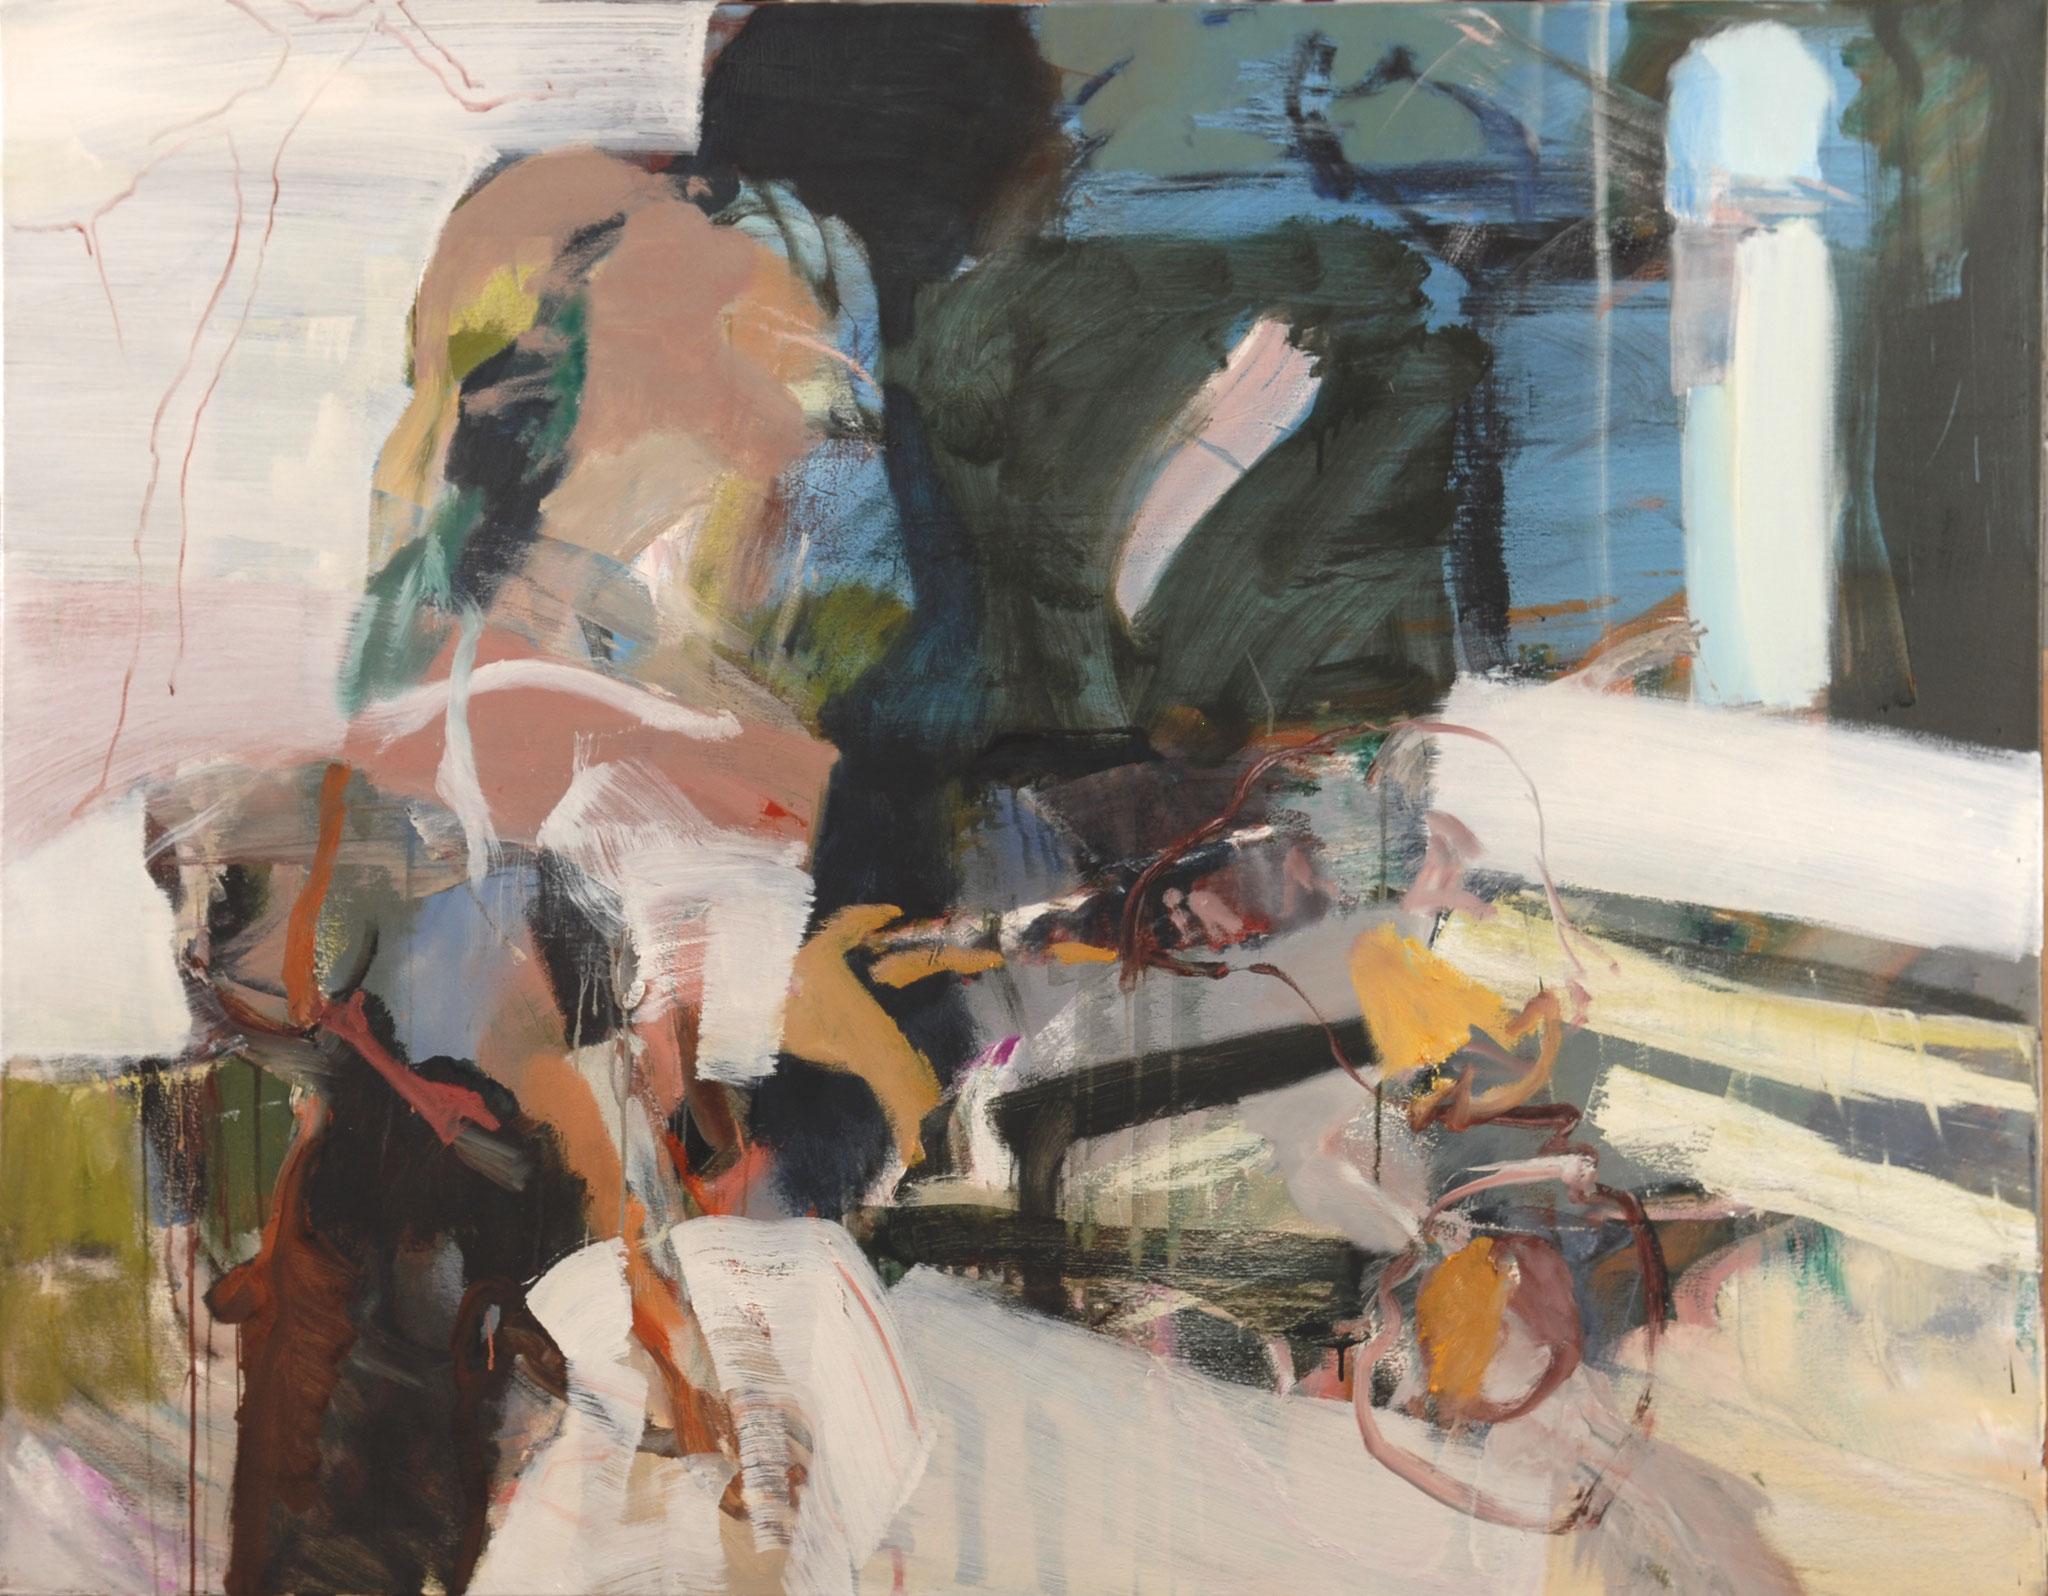 43  |  Ohne Titel  |  2016  |  Öl auf Leinwand  |  110 x 140 cm